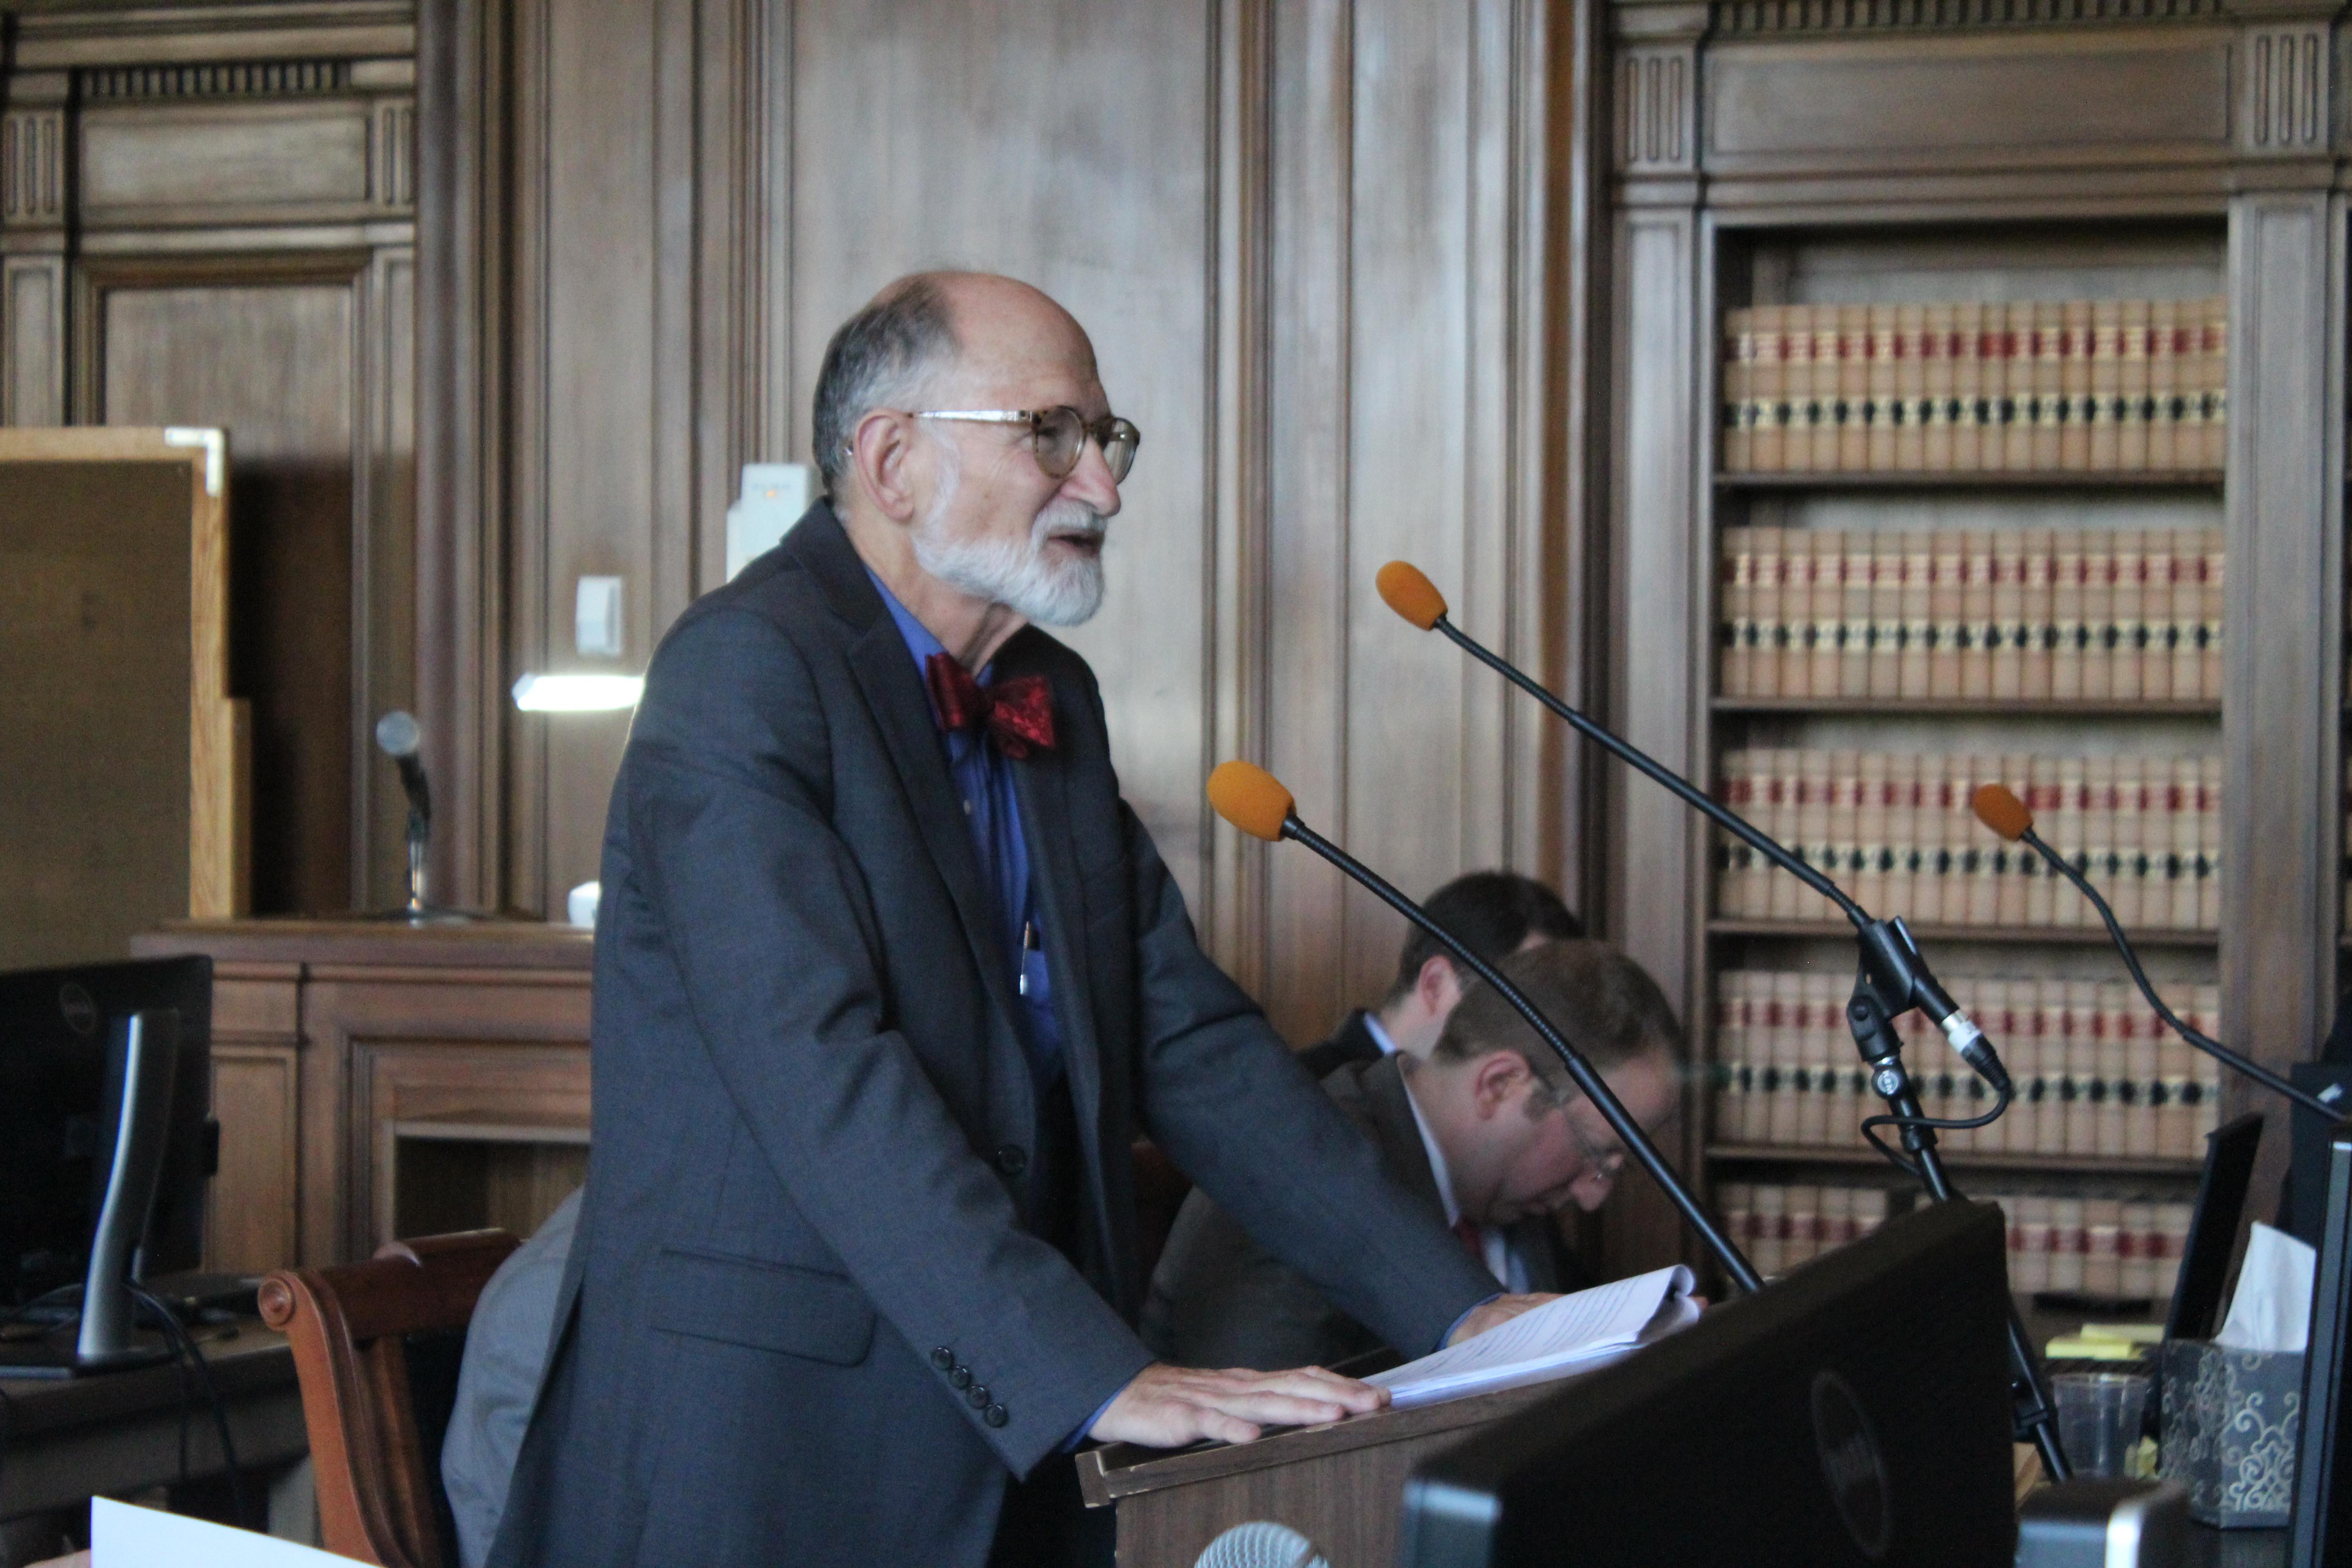 Joseph Rubin, the lead attorney defending the state